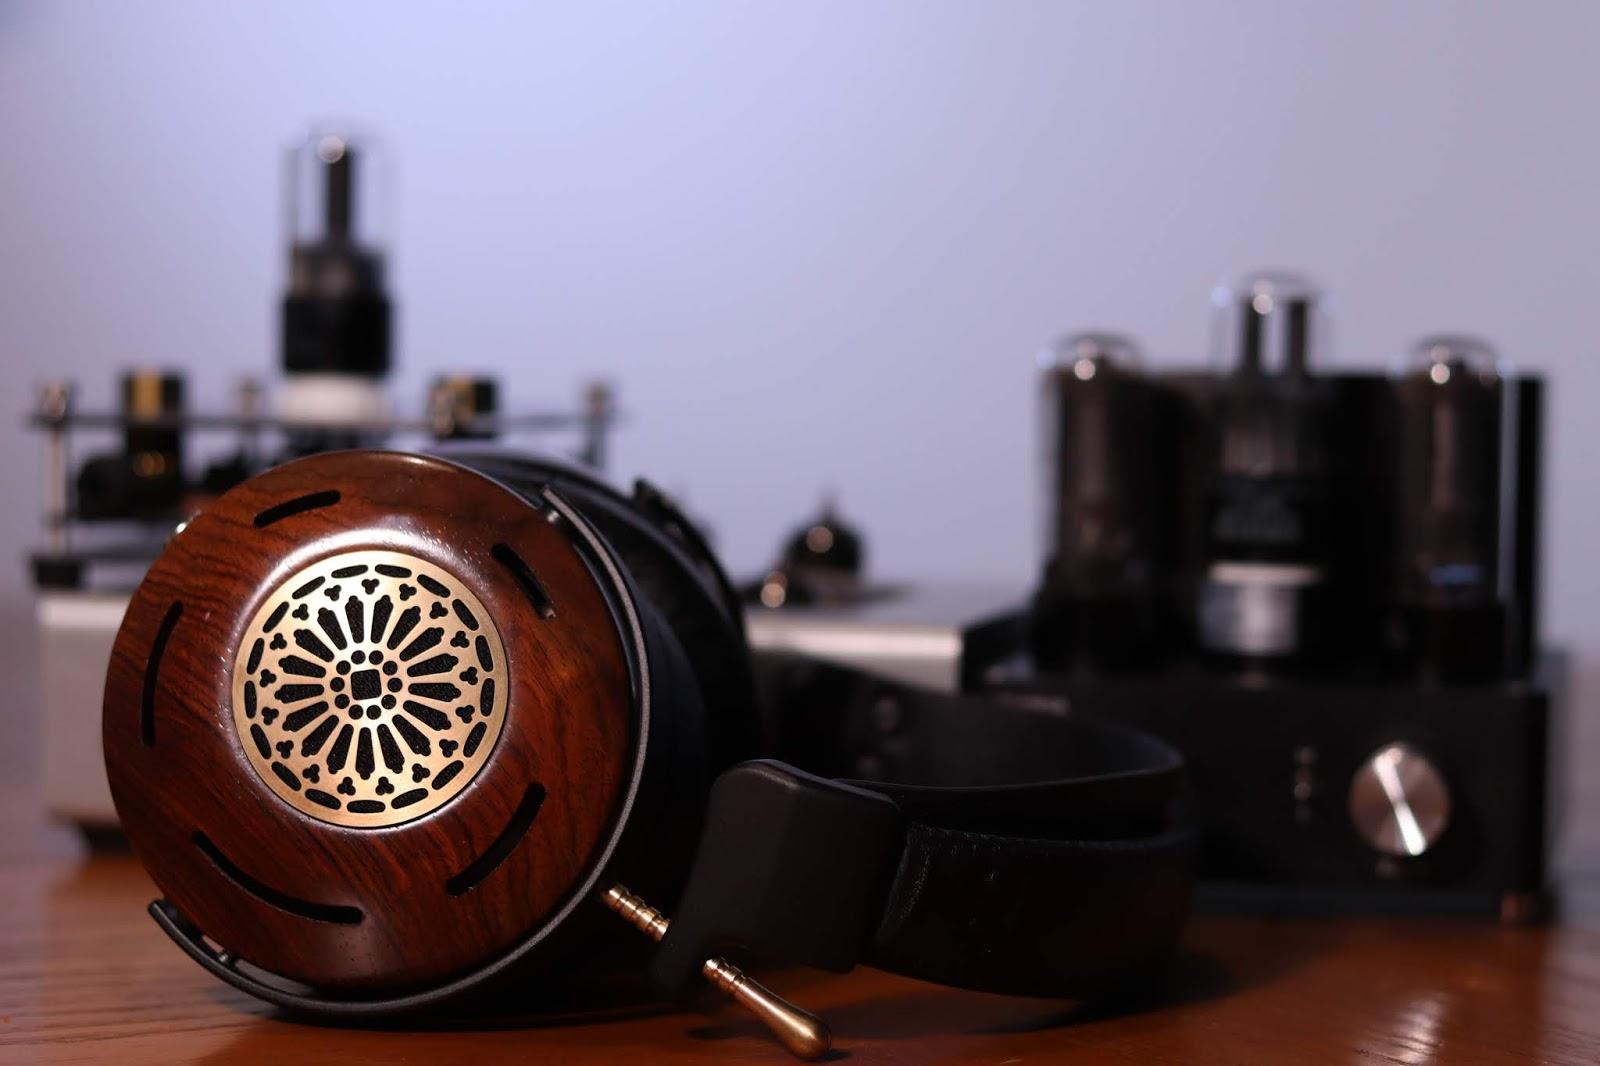 schiit audio valhalla 2 review